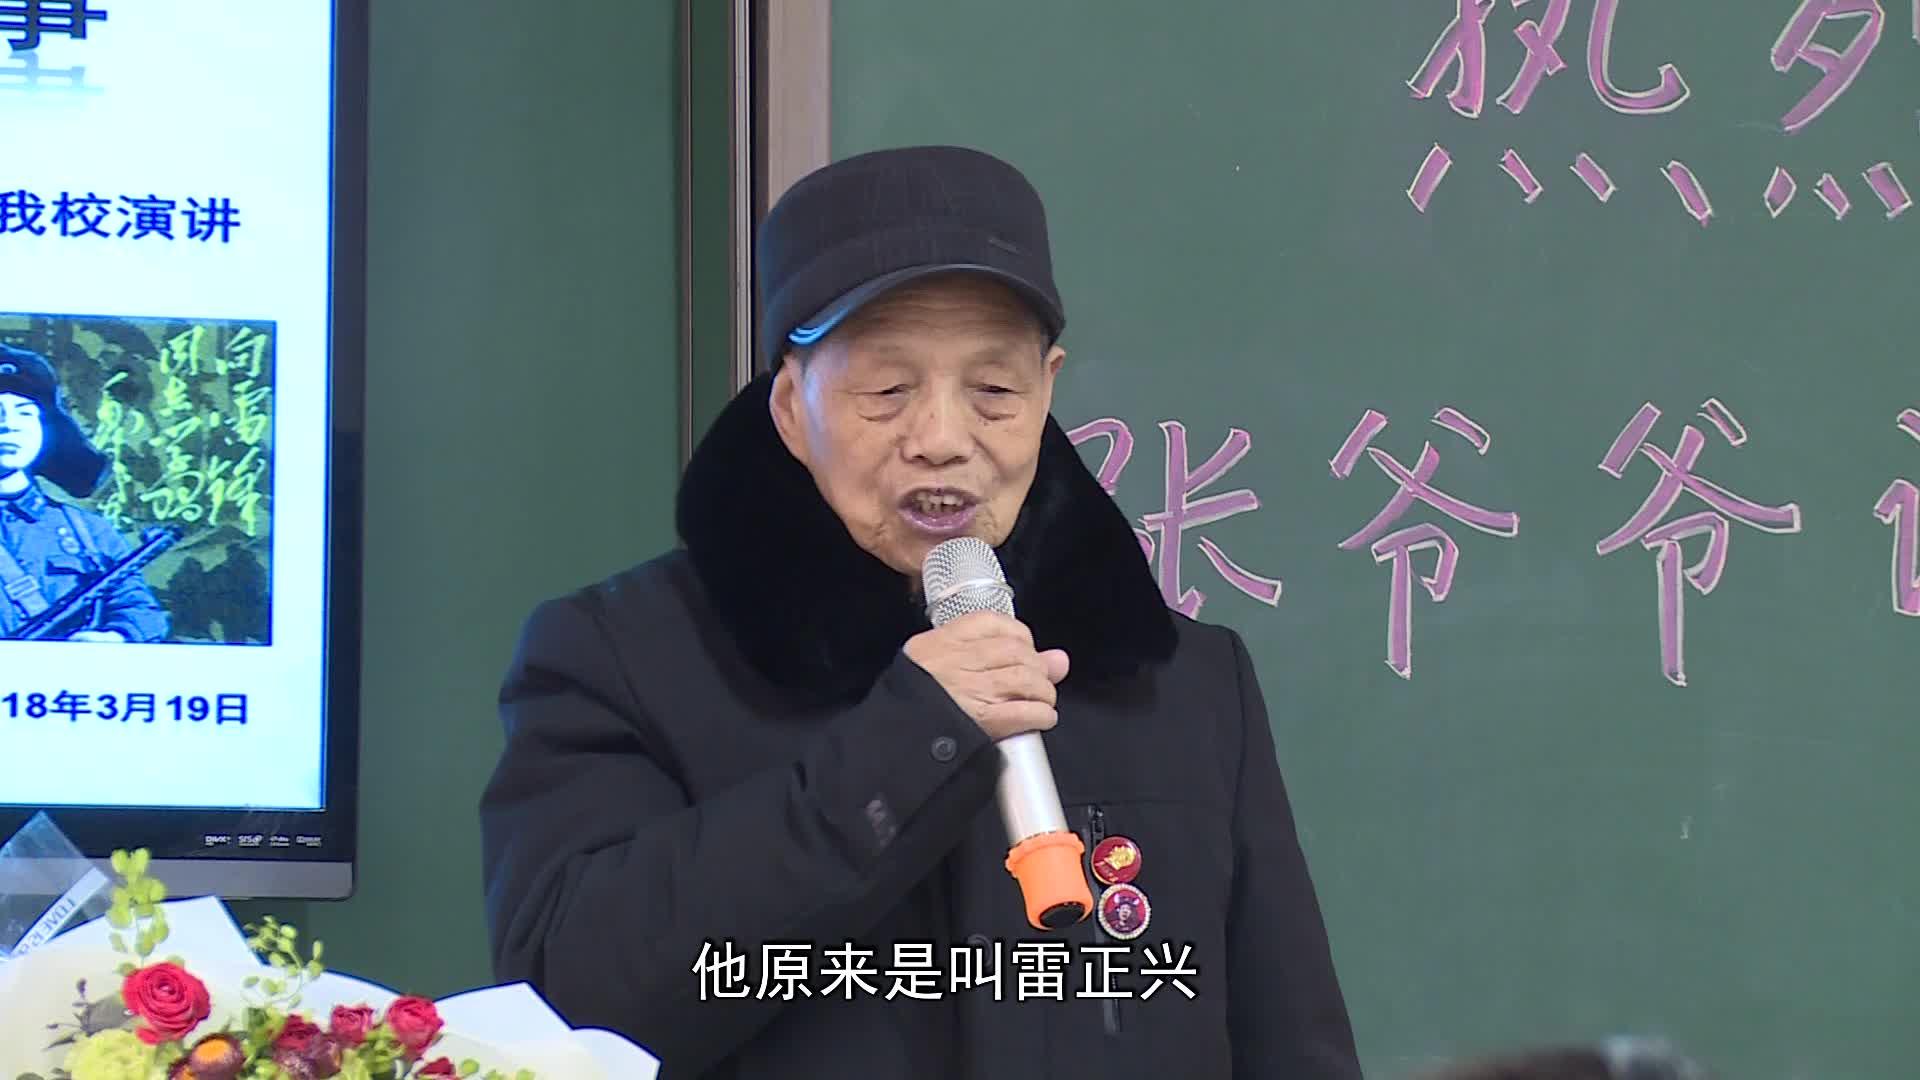 """三月学雷锋:听张爷爷与雷锋""""同行""""的故事"""